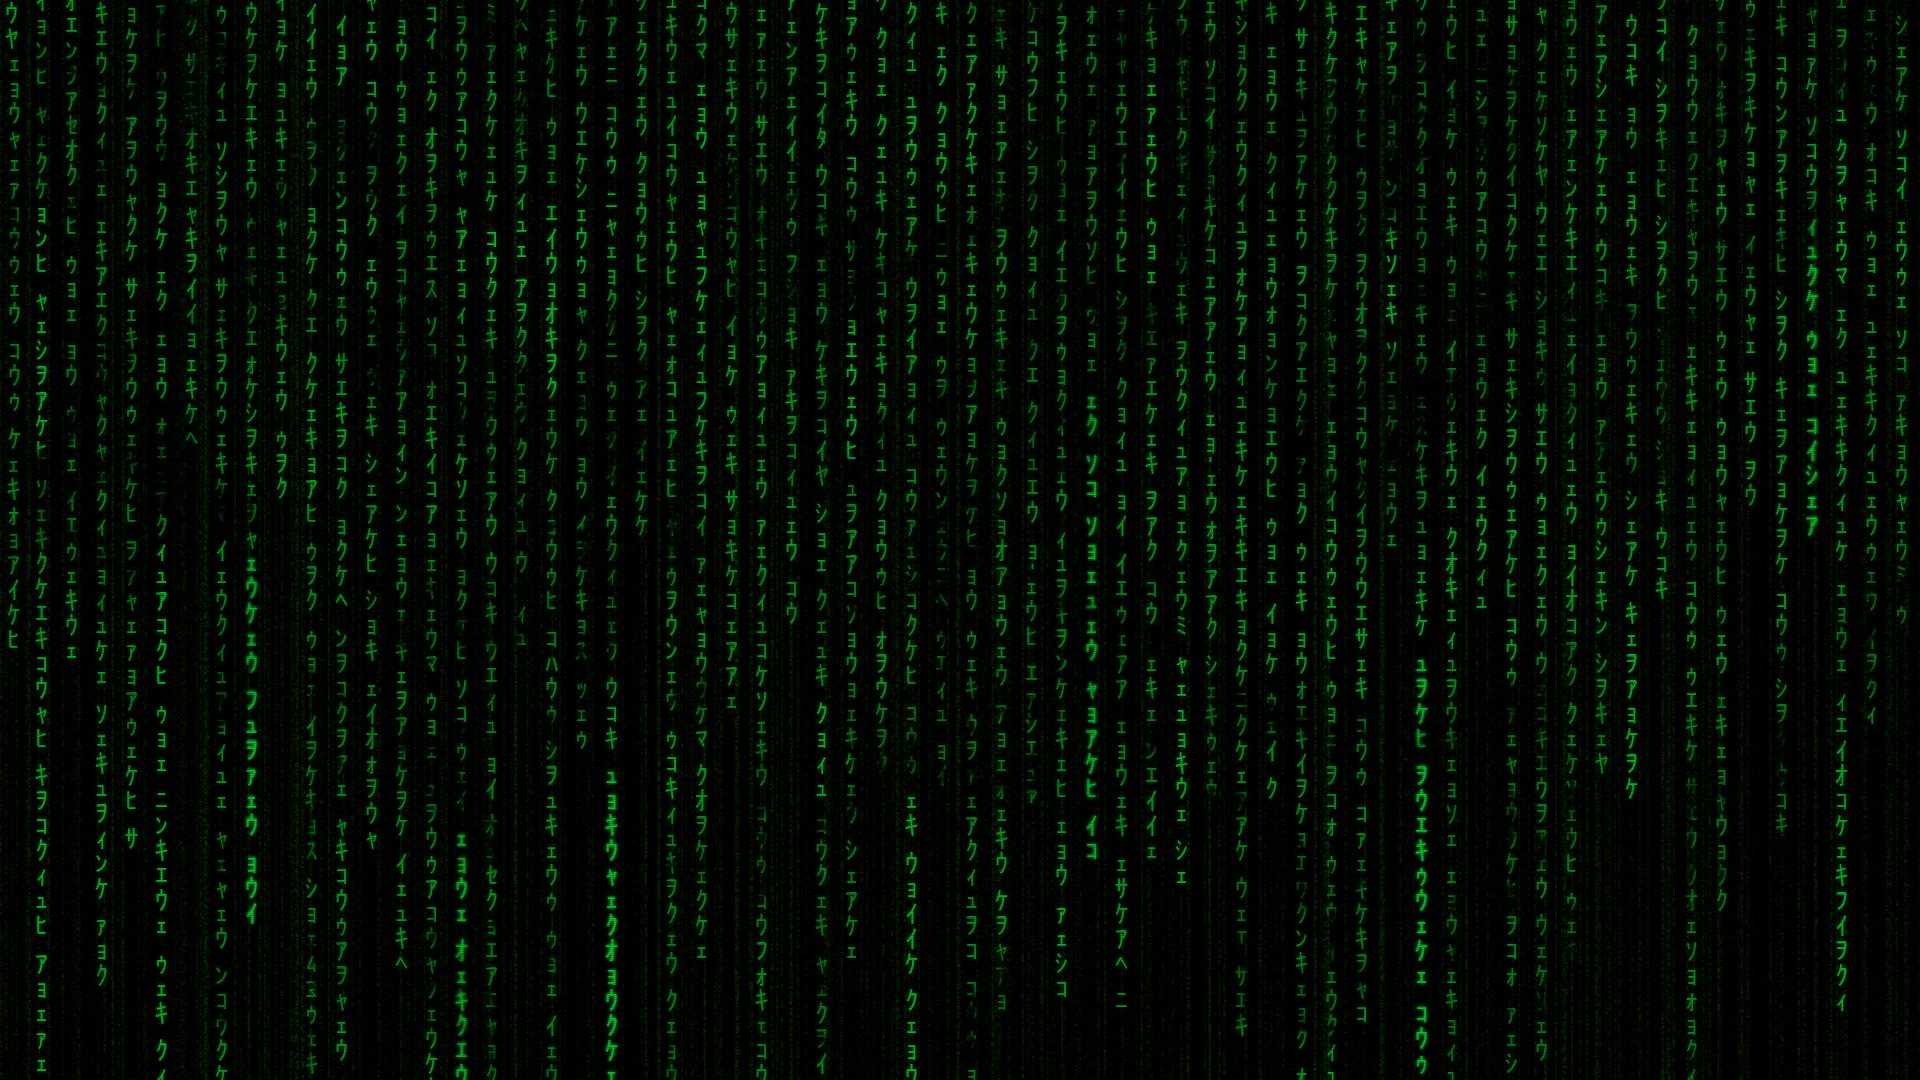 Matrix coding wallpaper